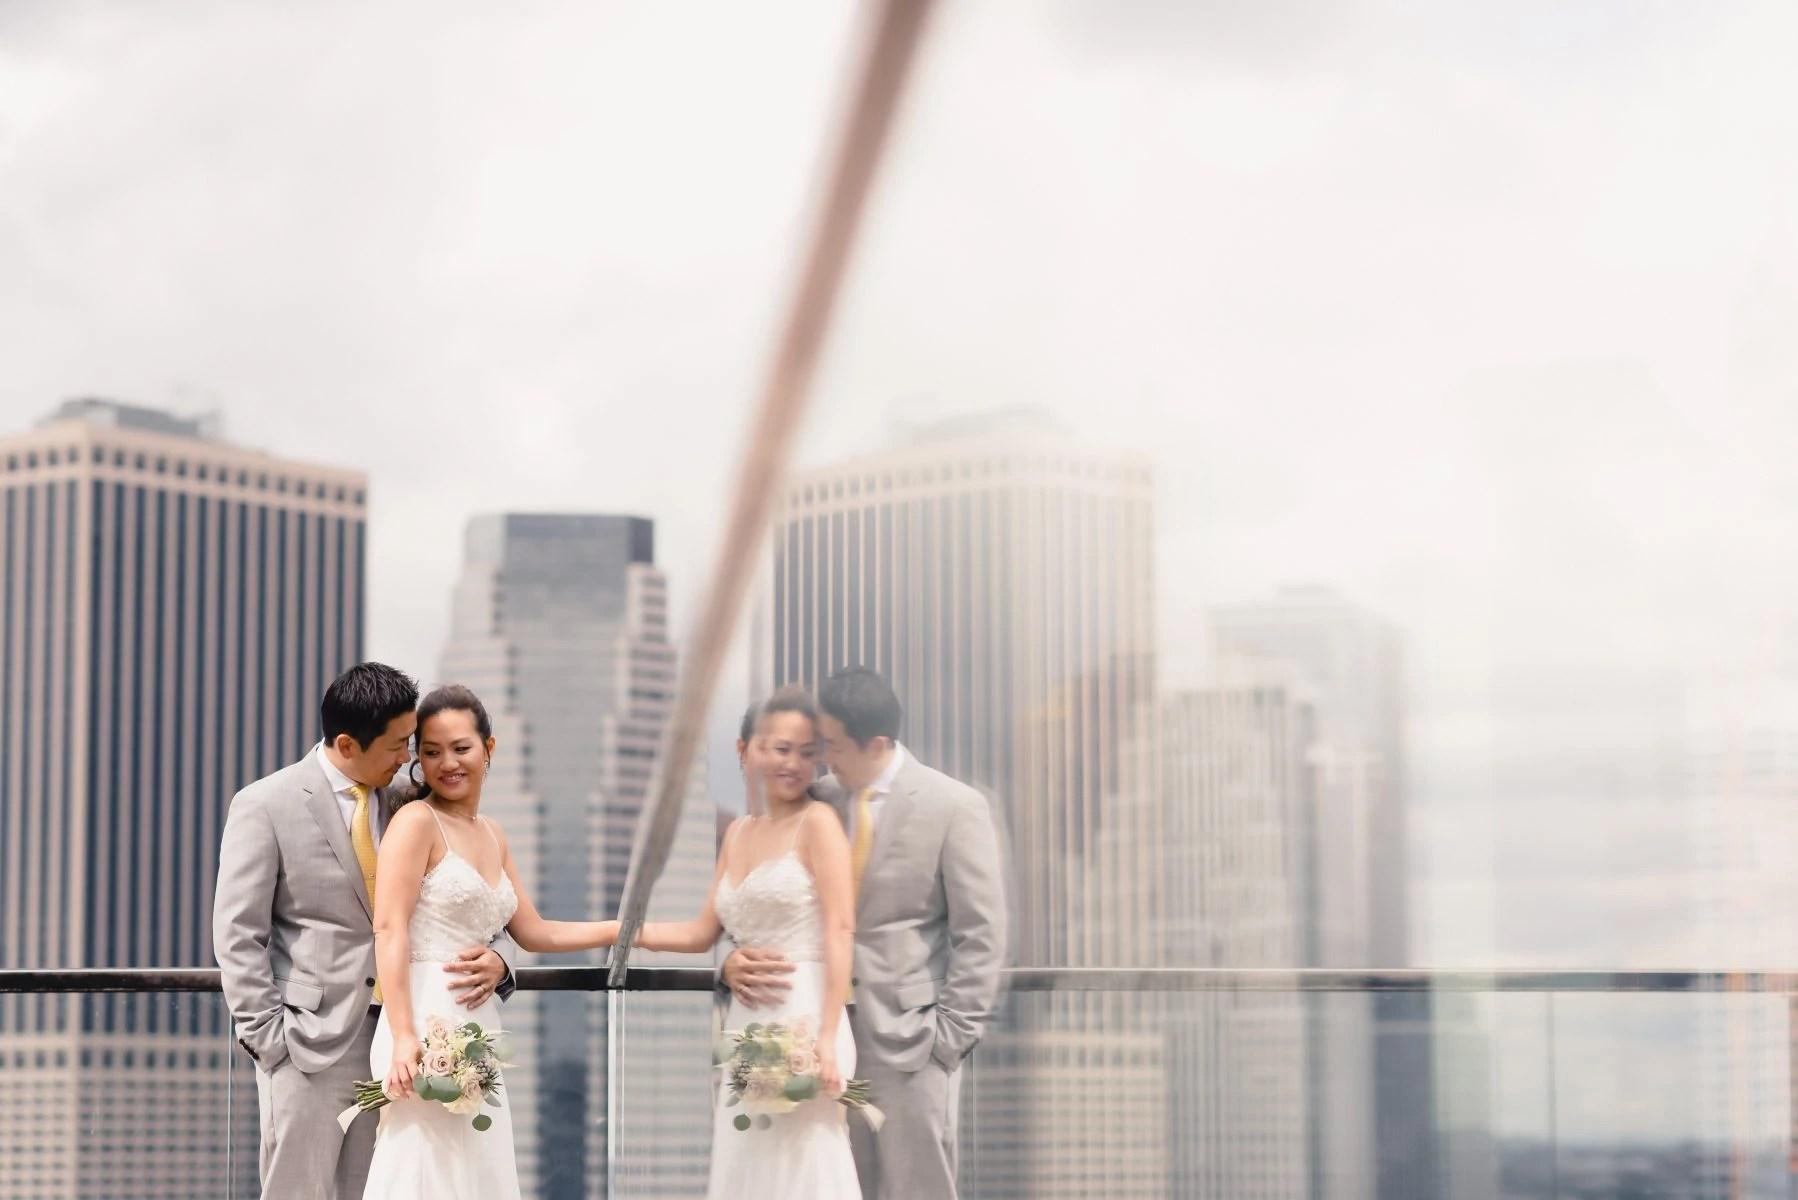 Dumbo Elopement Wedding